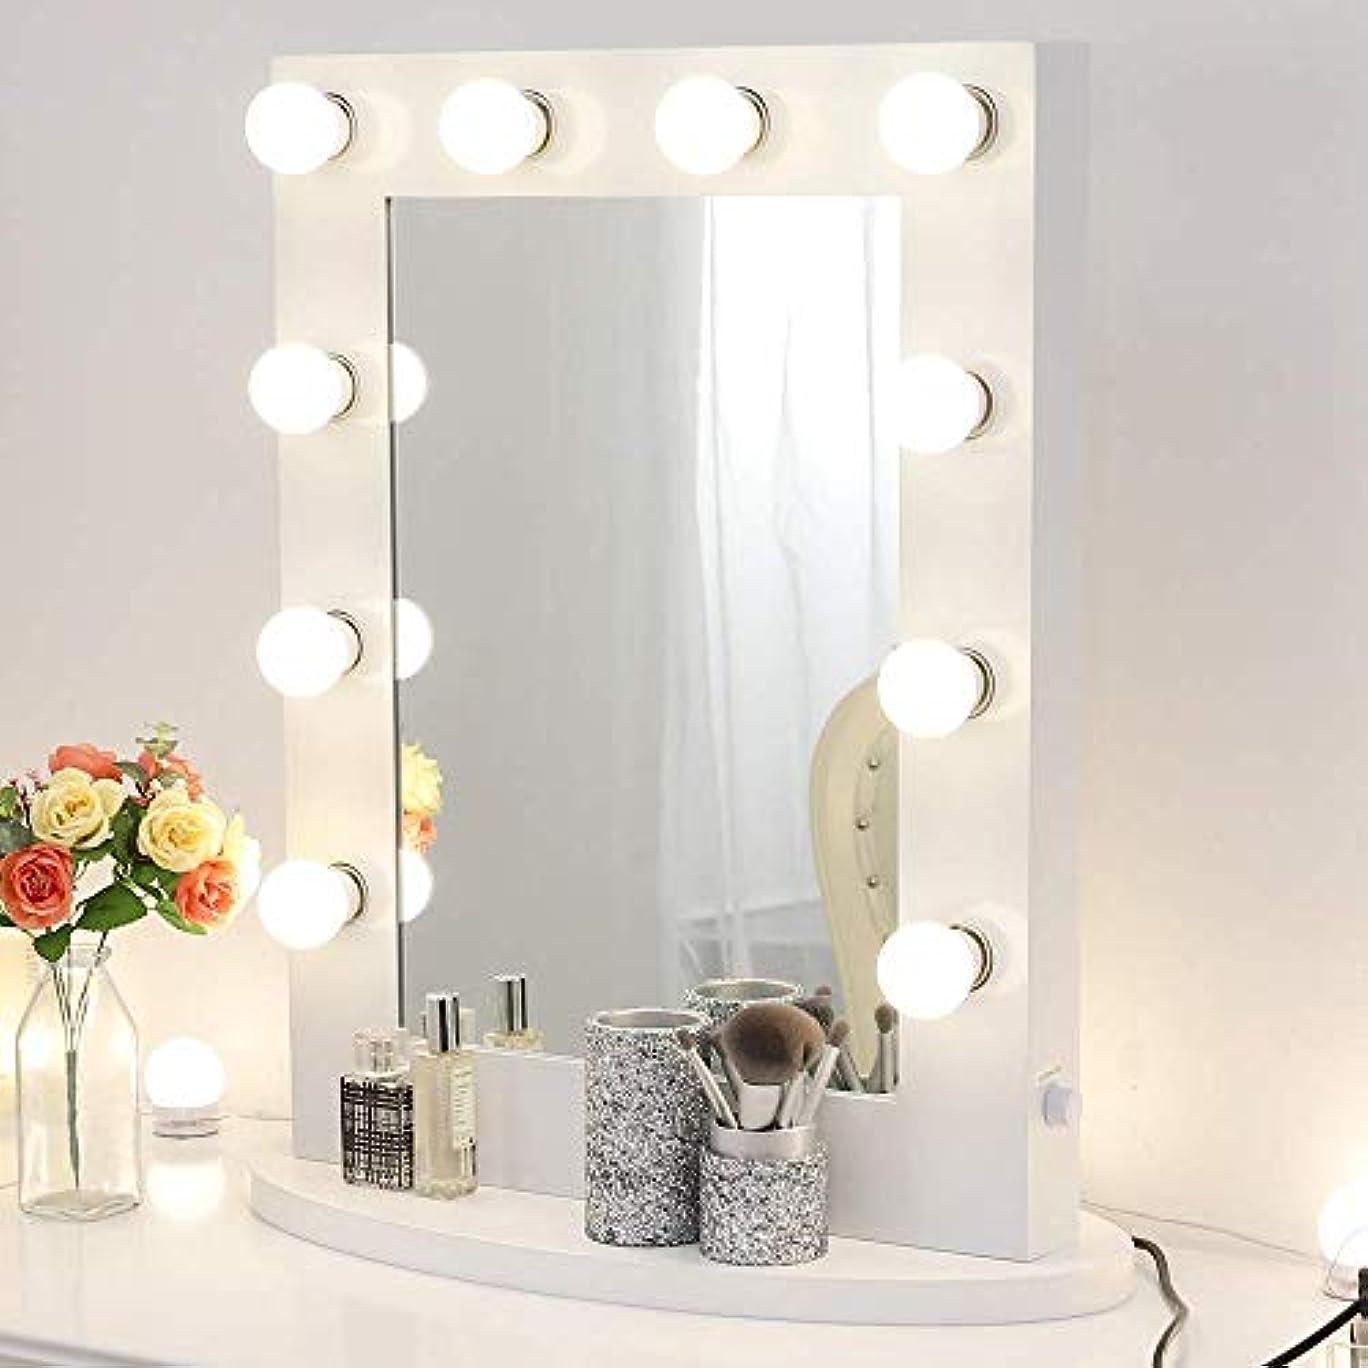 スリップ同級生テクスチャー女優ミラー 女優鏡 大型 壁掛け LED ライト付き コンセント付き 無段階調光 化粧鏡 ハリウッドミラー ドレッサー (ホワイト) (縦型6550)